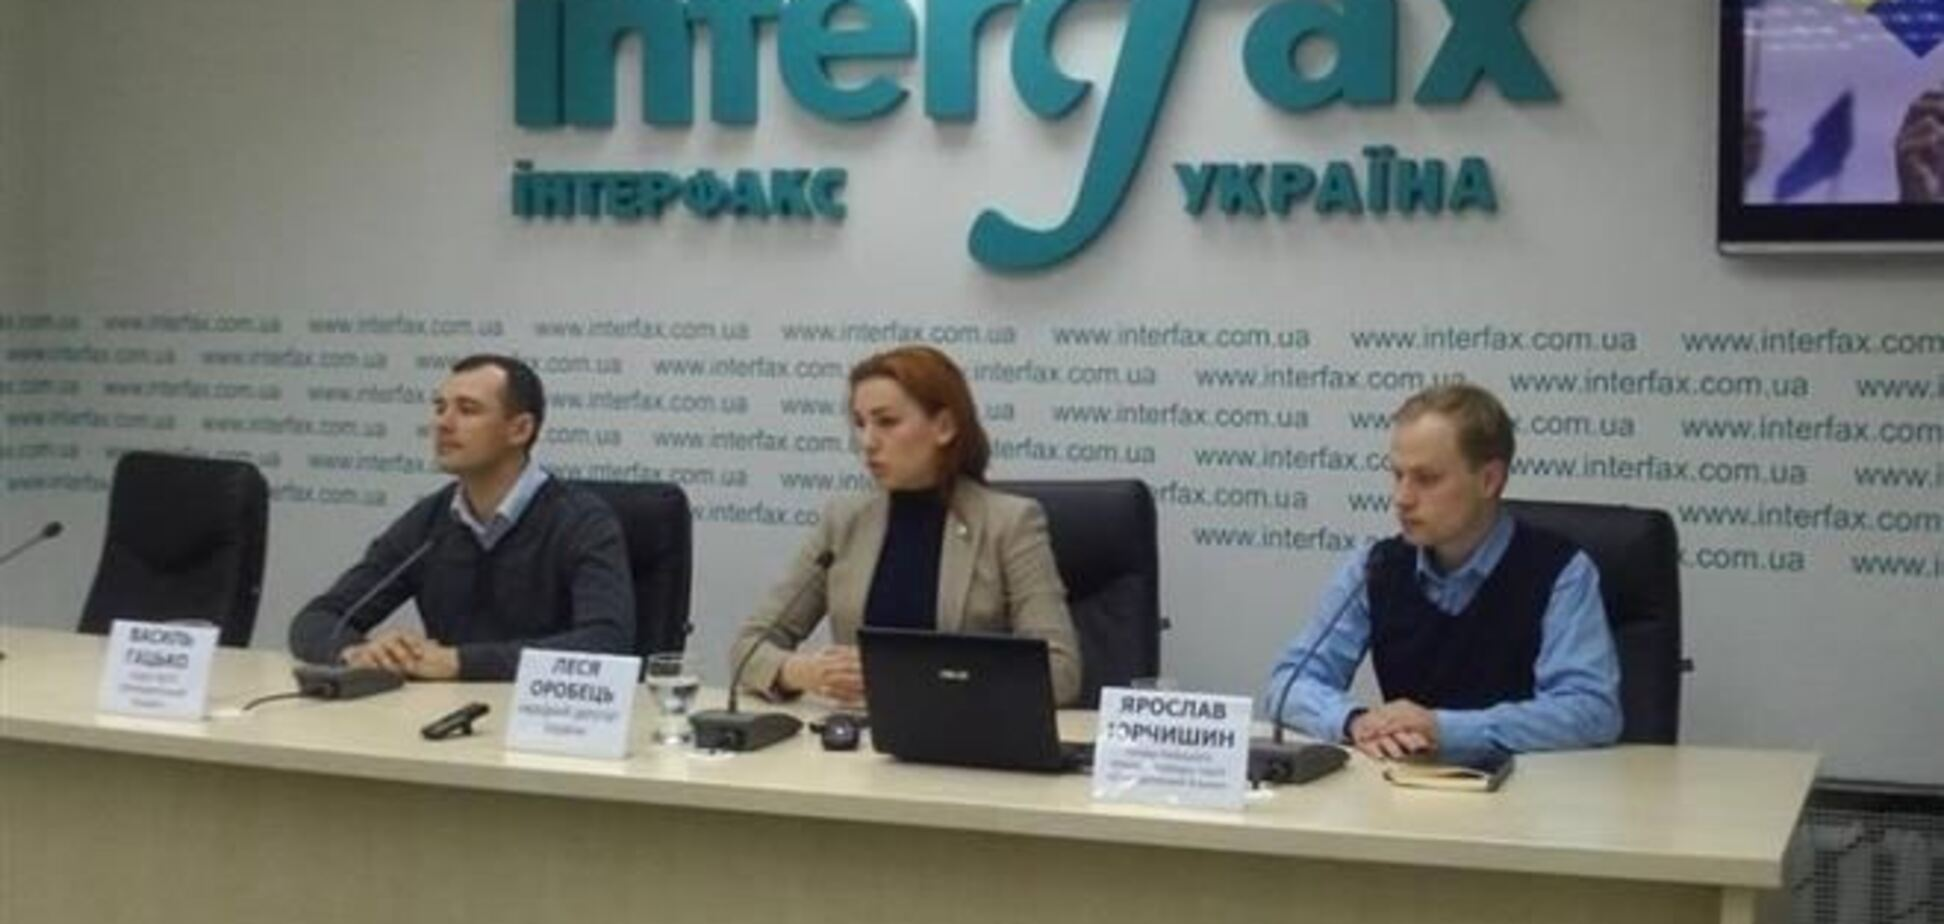 Оробец идет на киевские выборы с ДемАльянсом